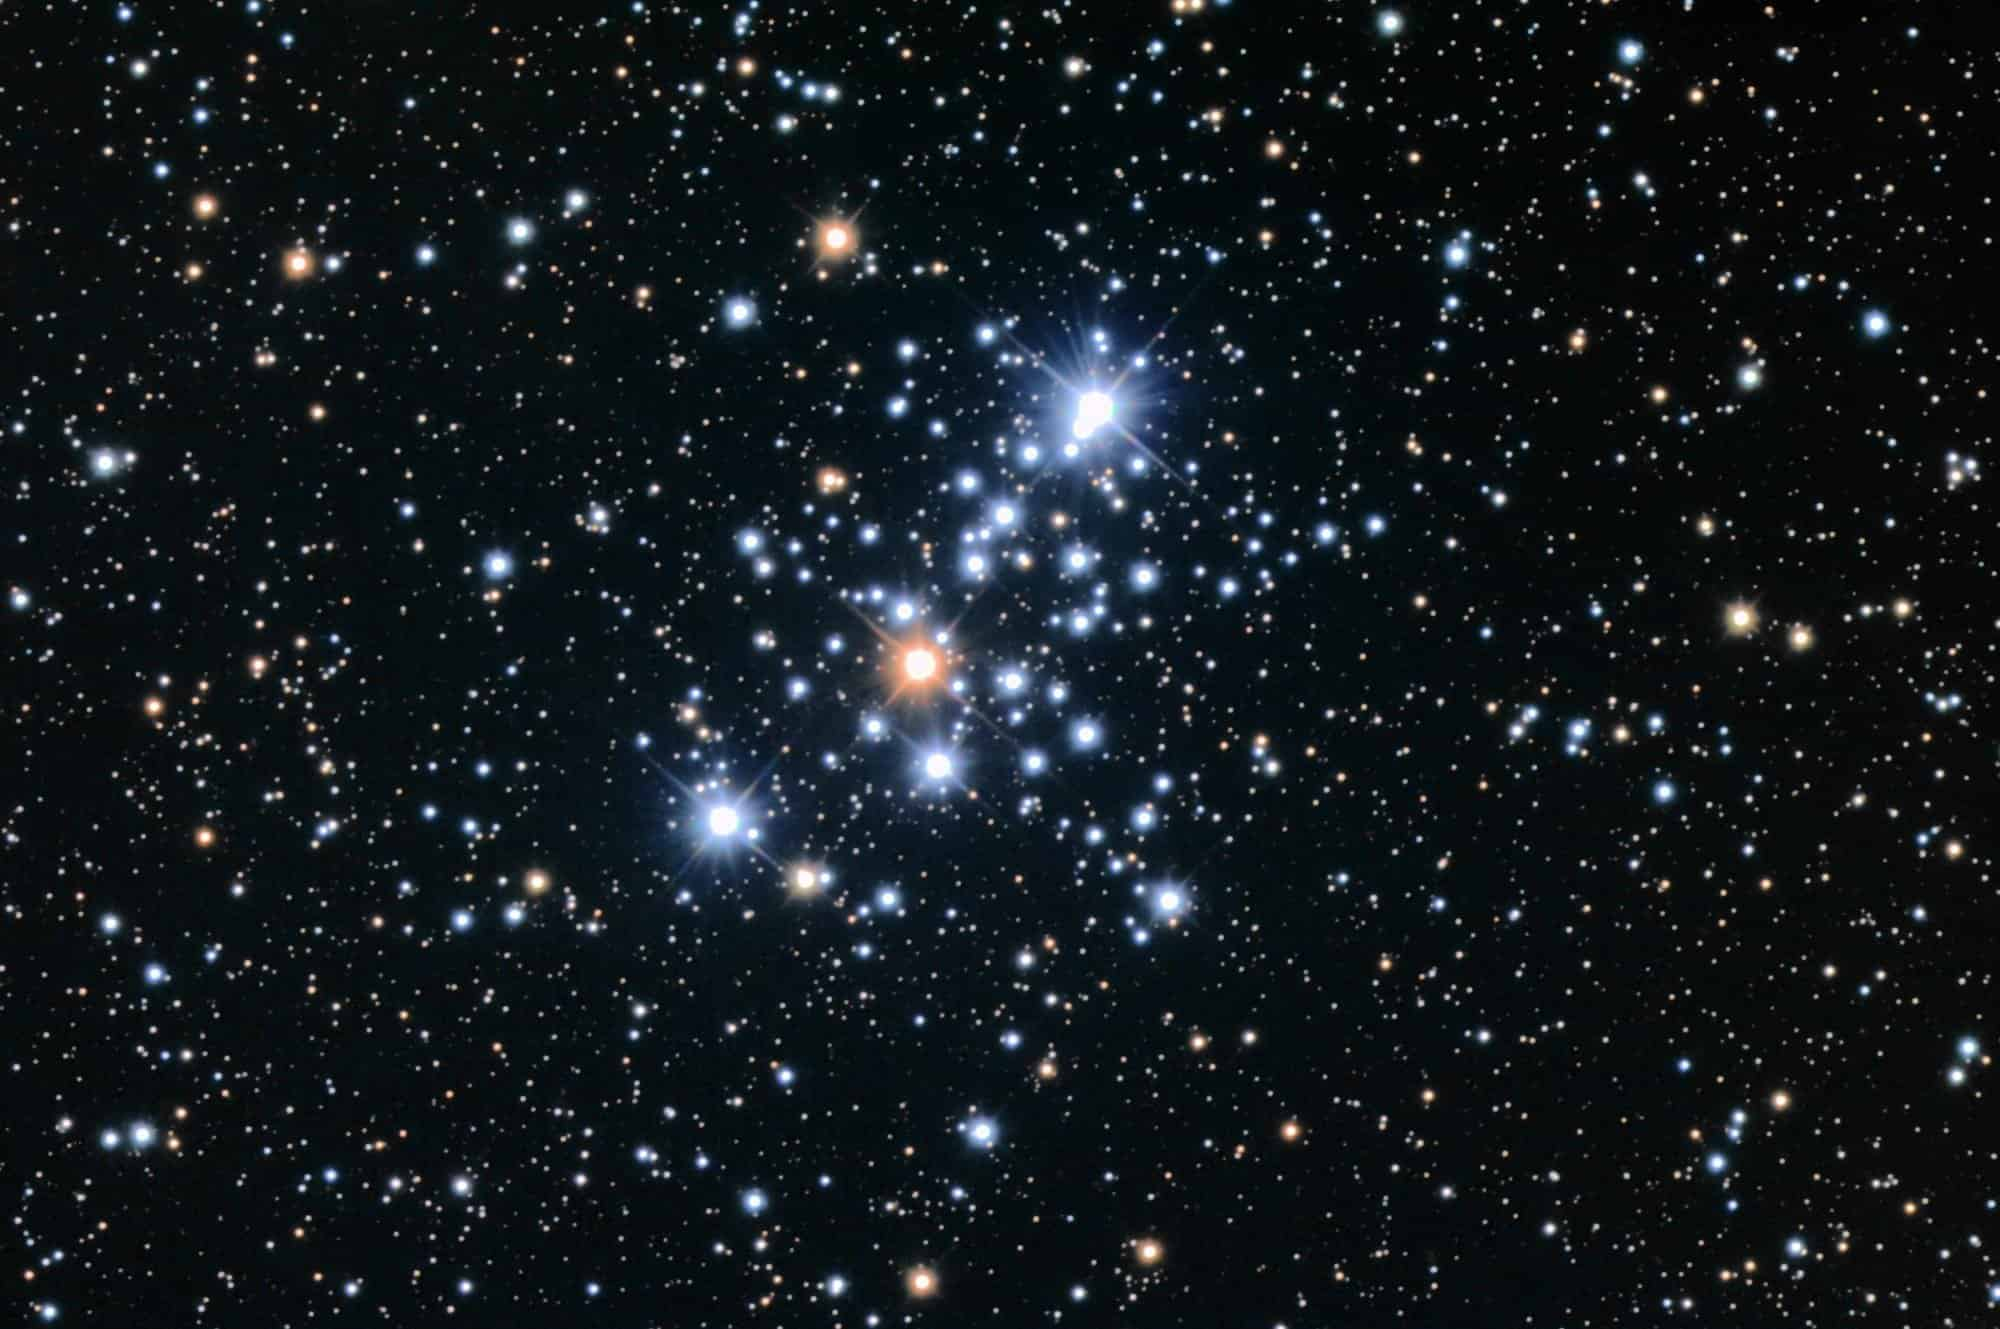 Processed with MaxIm DL 4 - ¿Son doce o trece los signos del zodiaco? - hermandadblanca.org